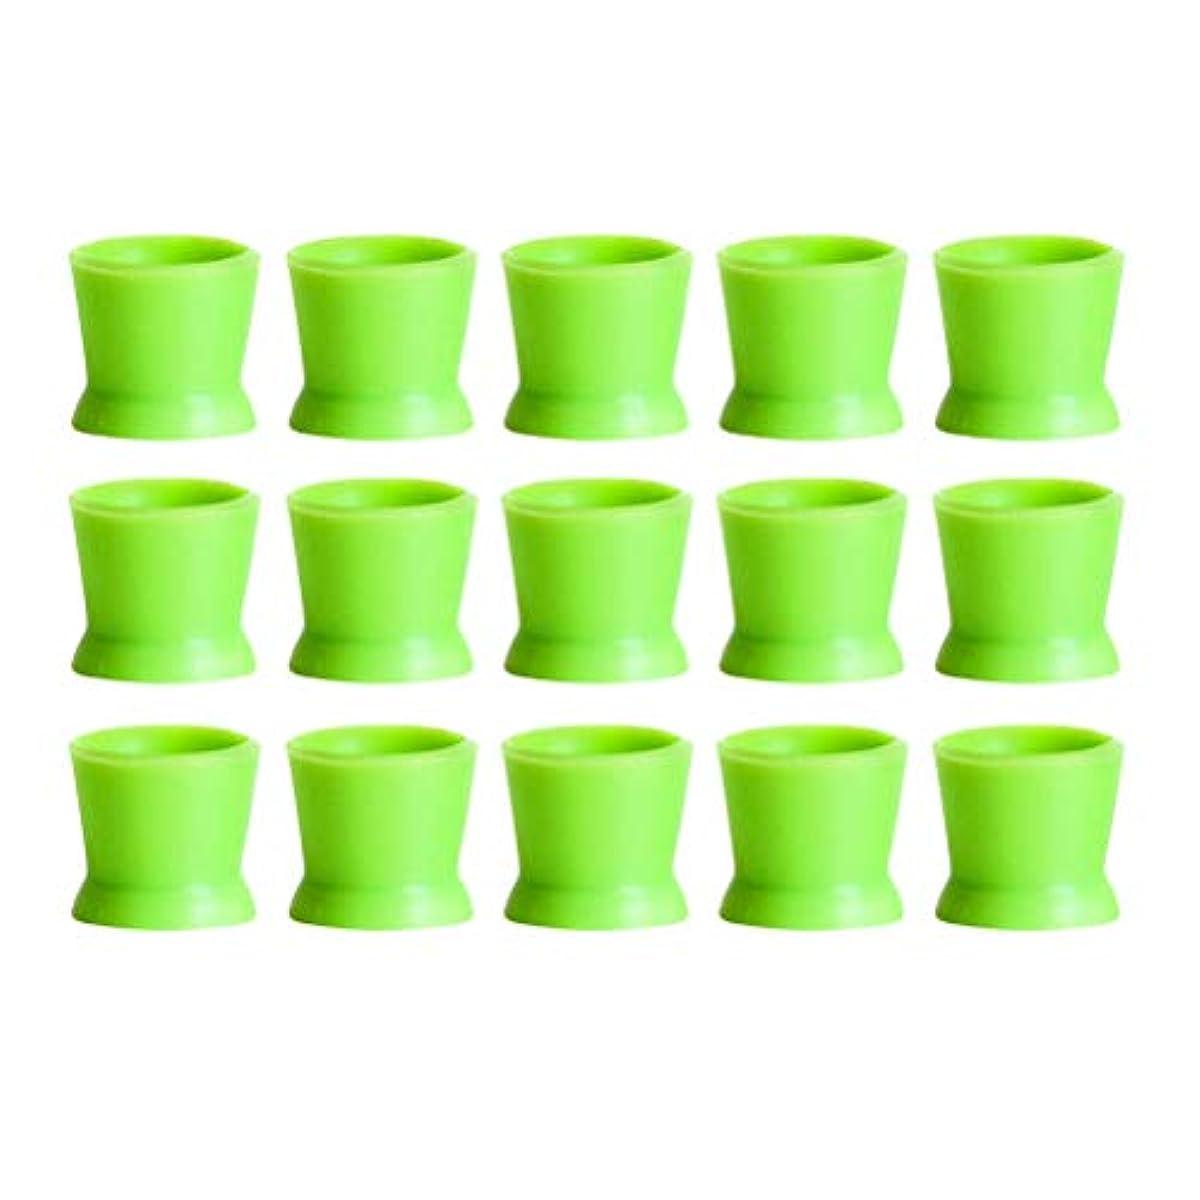 成人期ネットリクルートHealifty 300PCSシリコンタトゥーインクカップ使い捨てマイクロブレーディングピグメントキャップホルダーコンテナ永久的なまつげメイクアップアイブロー(グリーン)